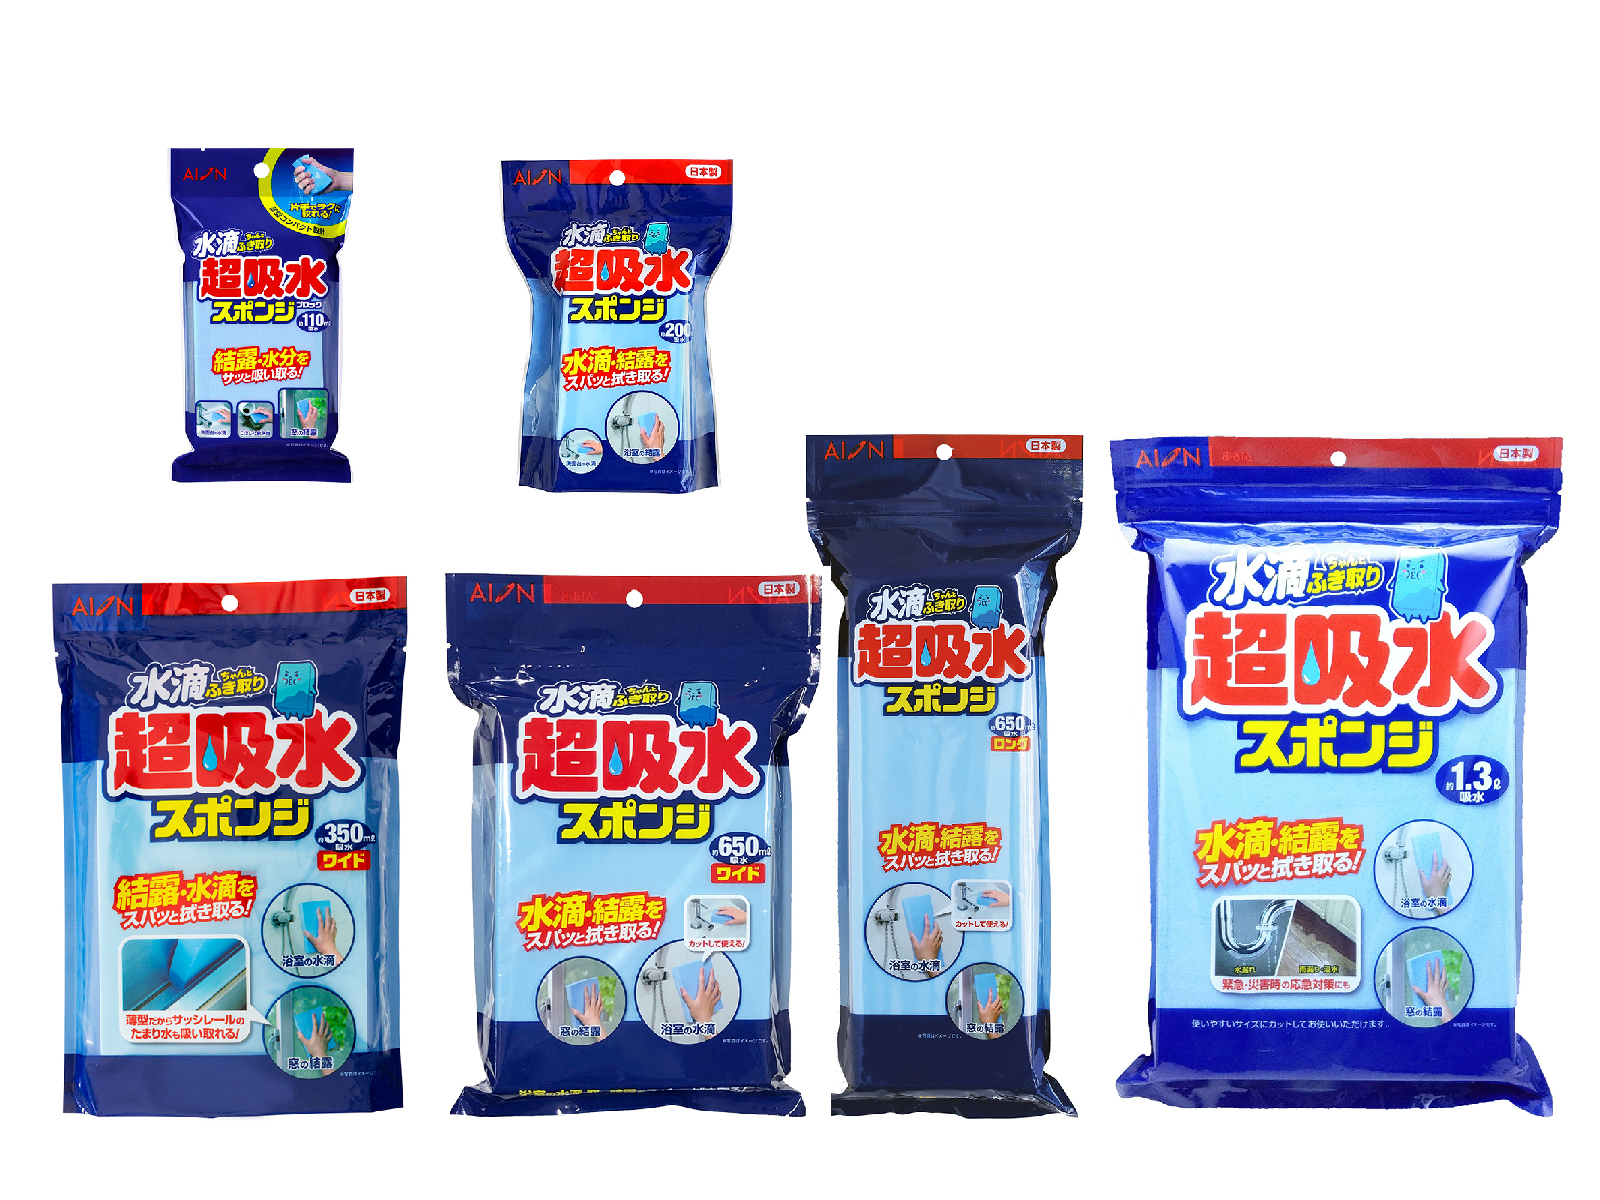 水滴ちゃんと拭き取りシリーズ(家庭内清掃用・結露吸収用スポンジブロック)